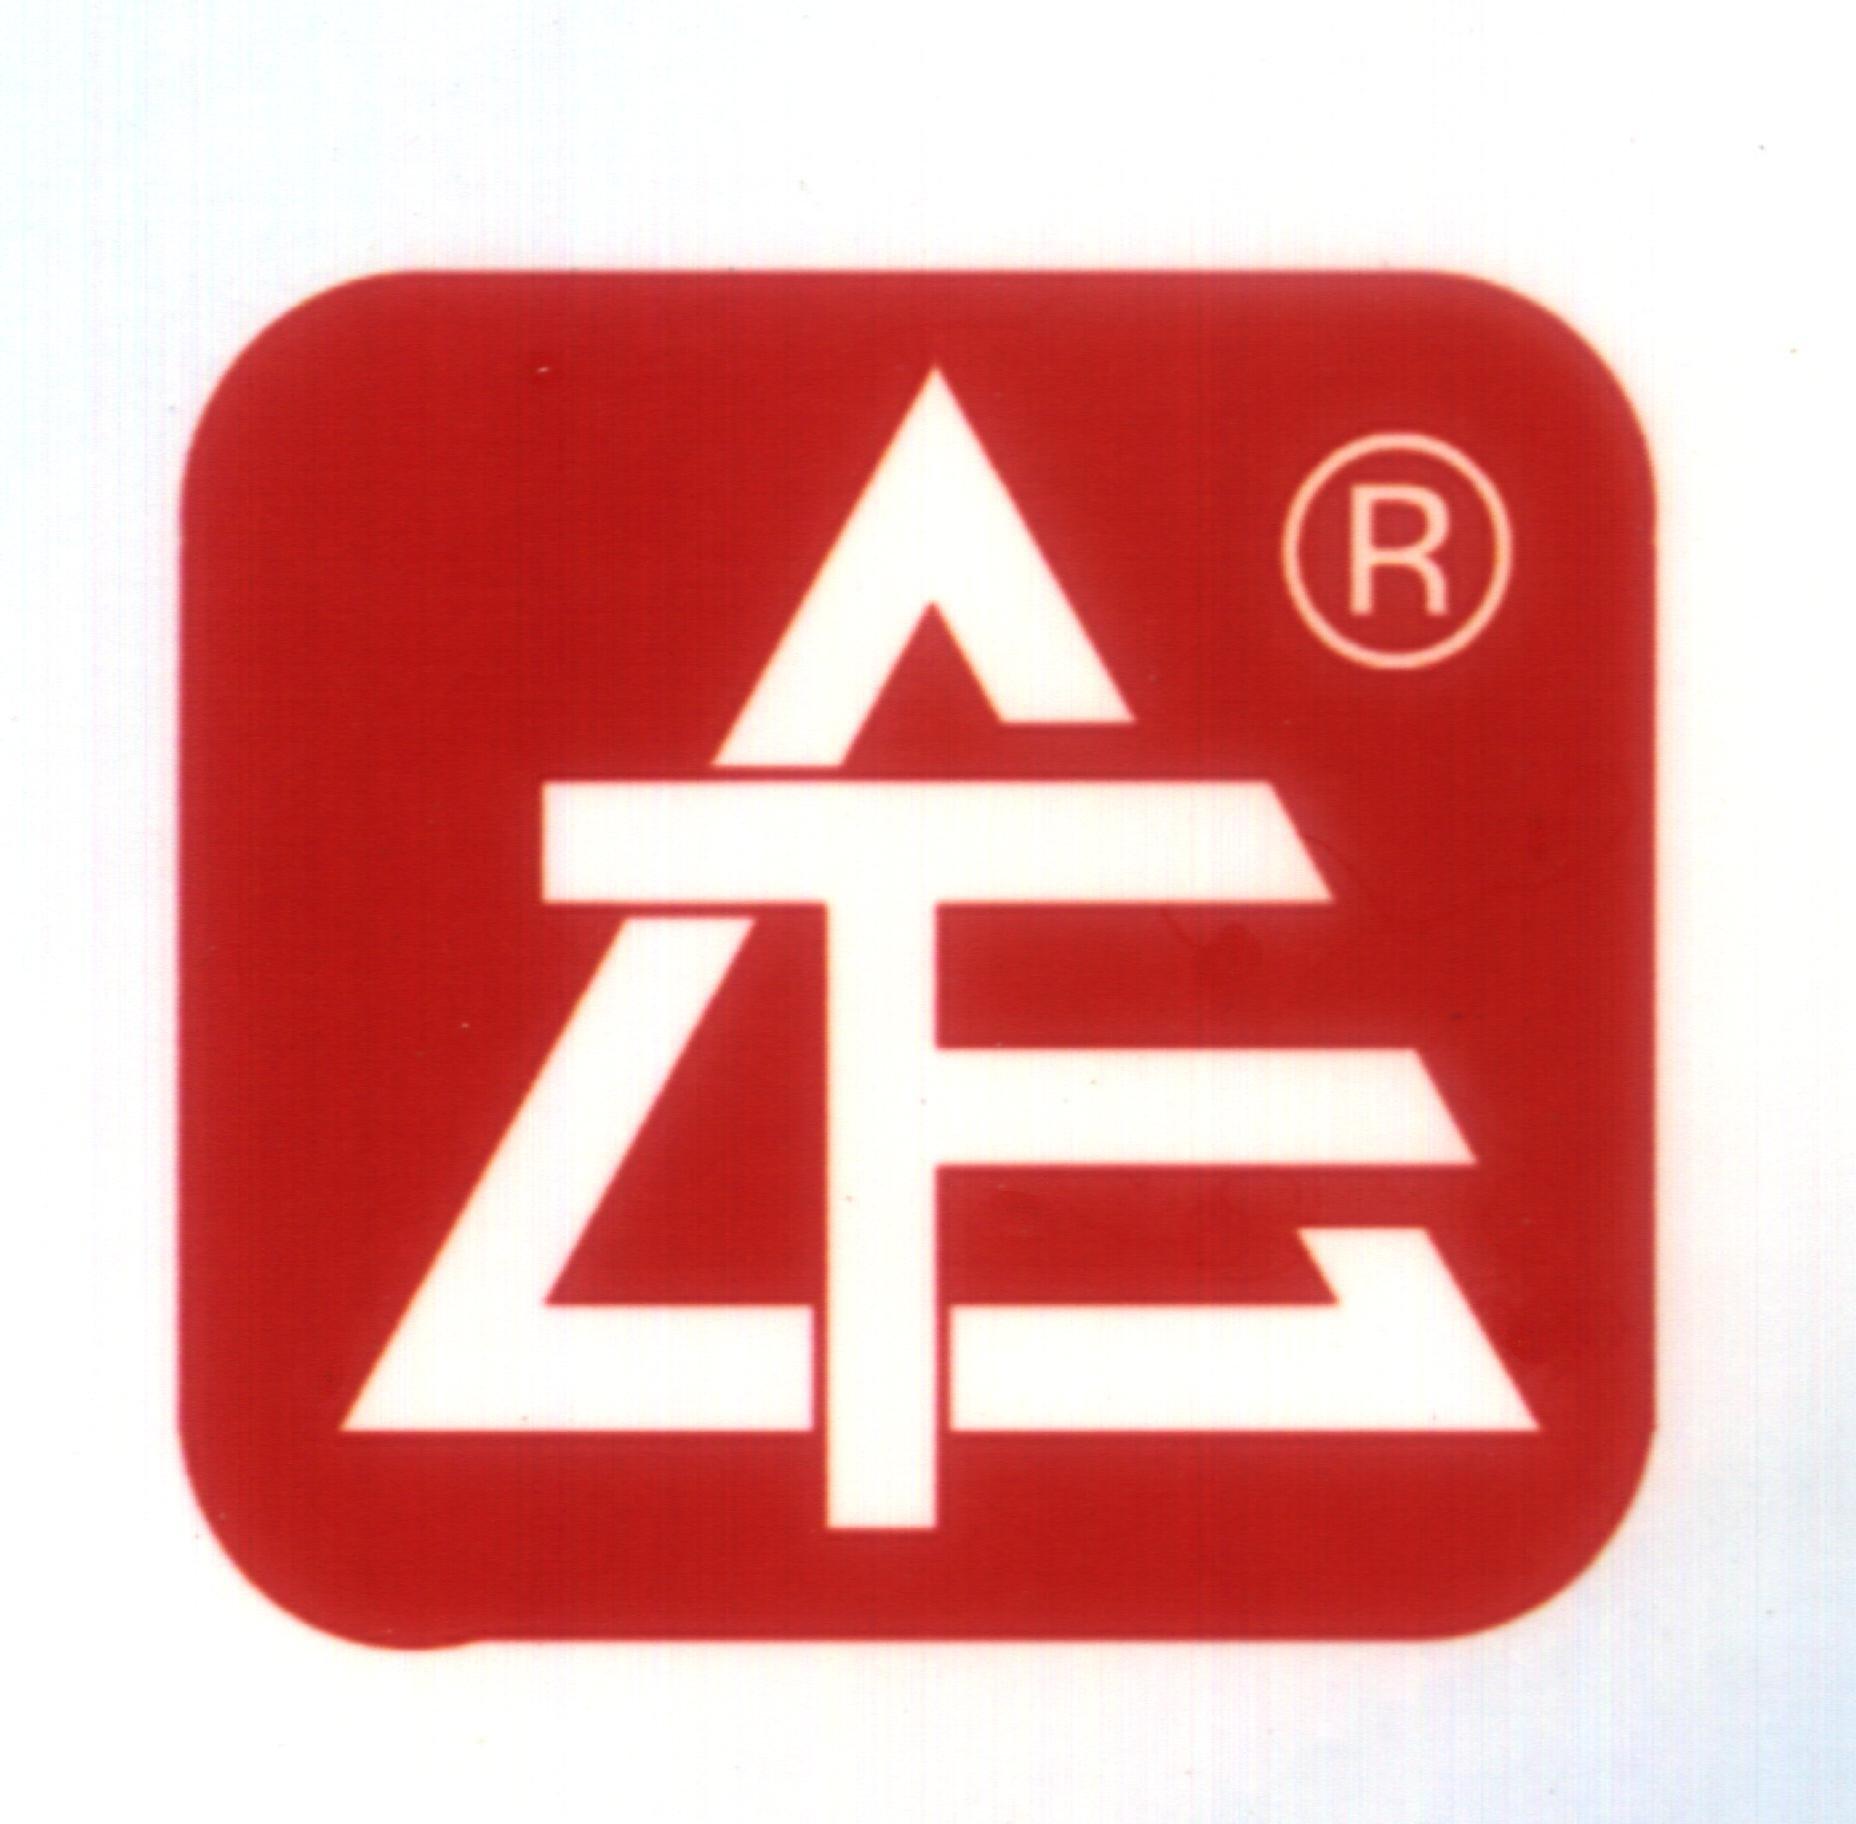 Lian Jeng Machinery Manufacturer Co.